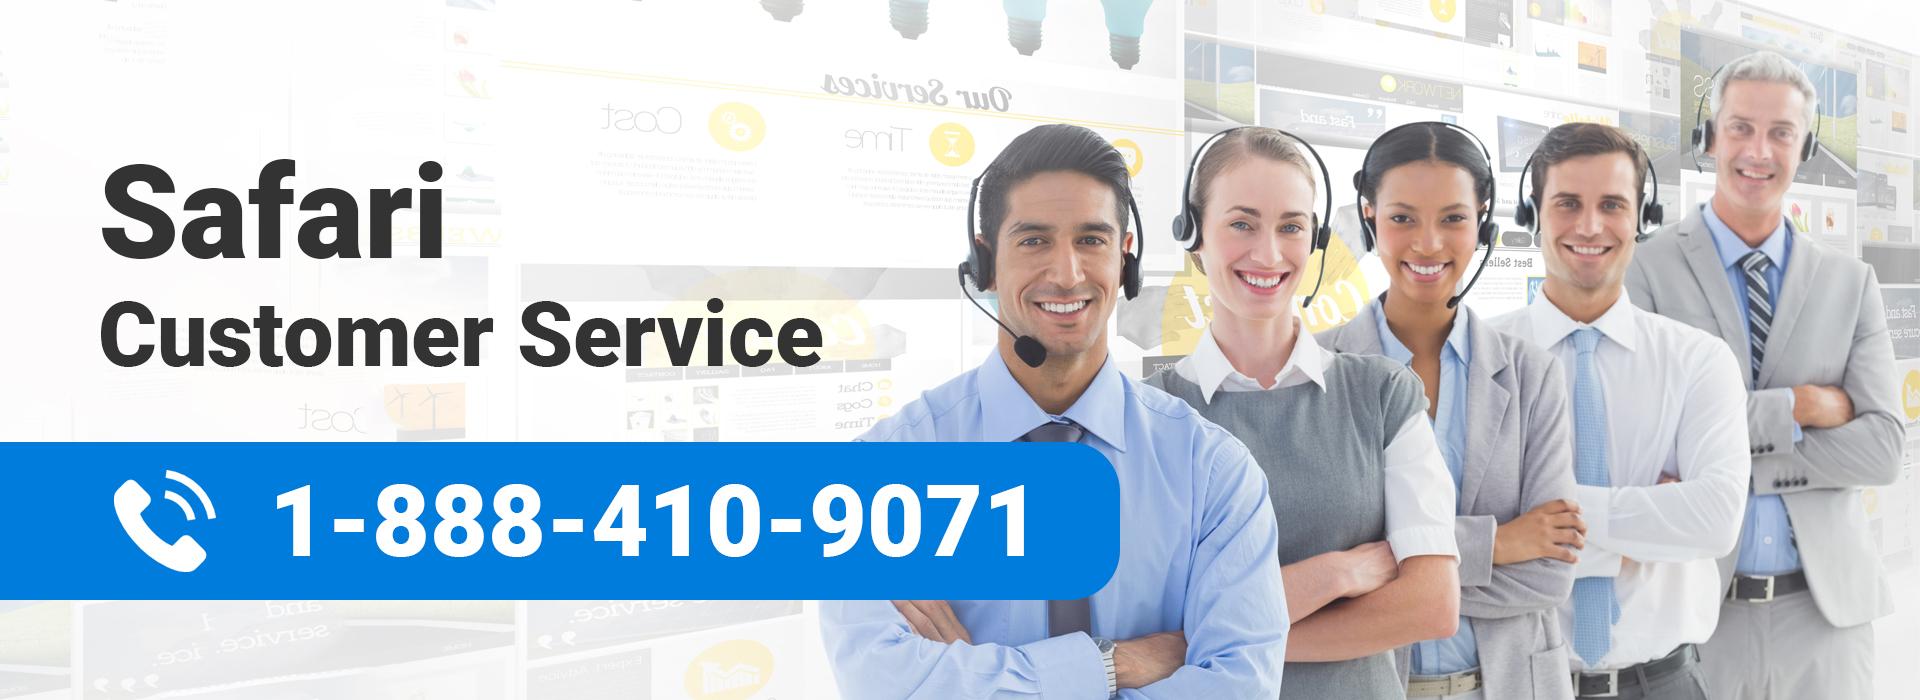 Safari Customer Service 1-888-410-9071